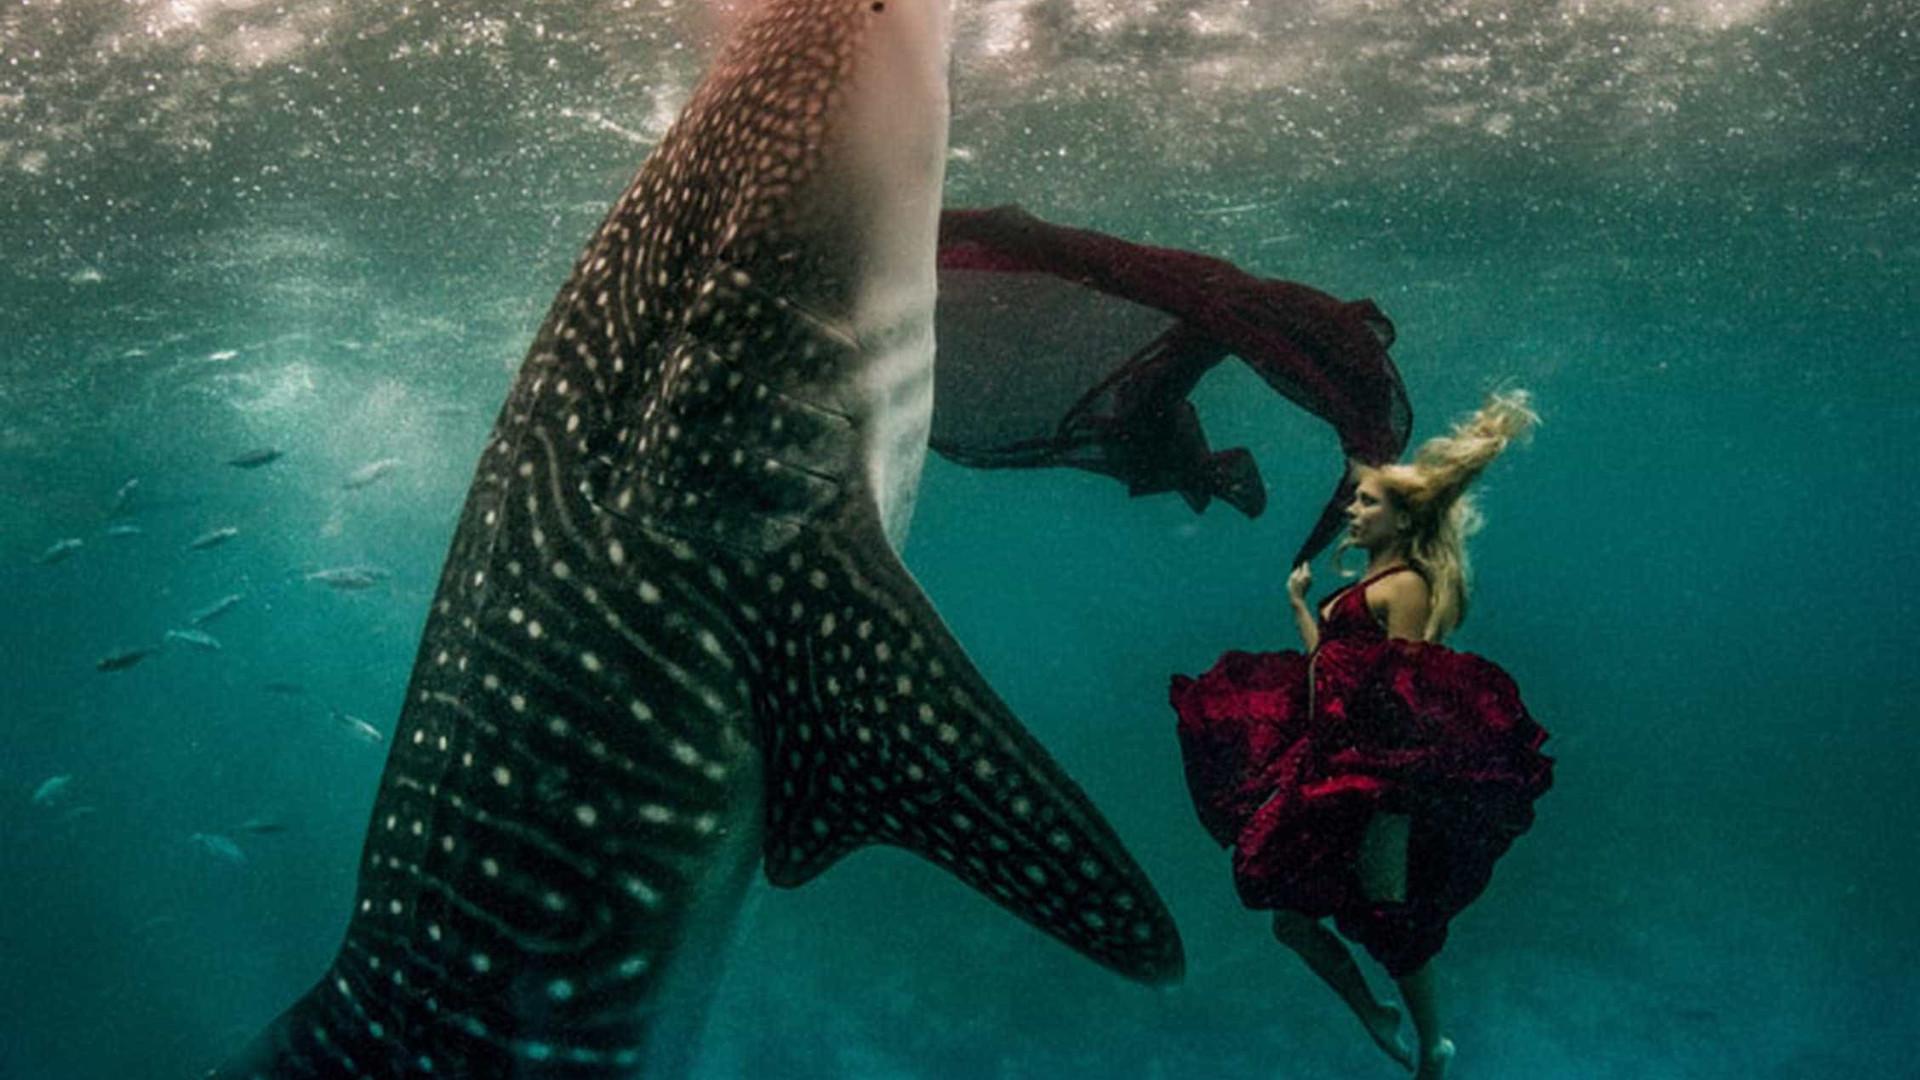 32 registros subaquáticos de literalmente tirar o fôlego!